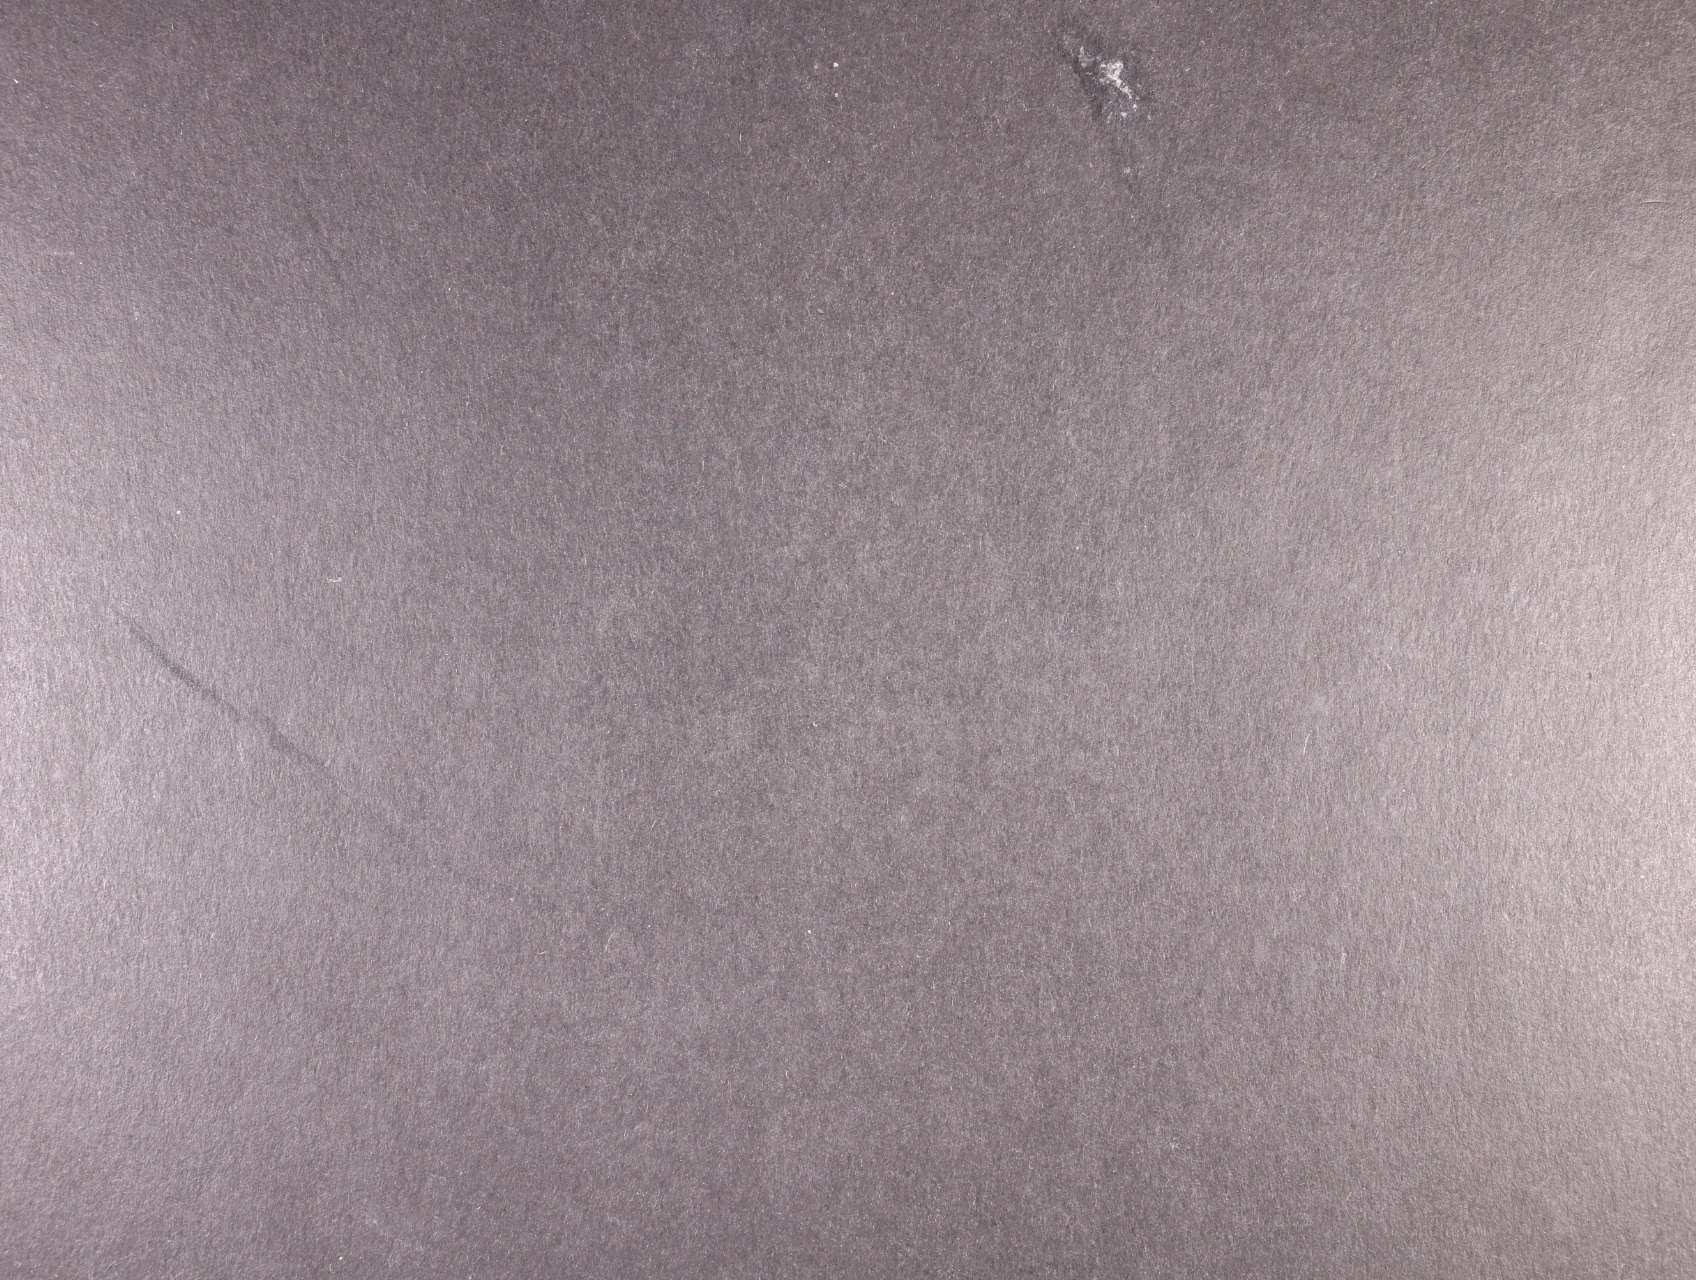 Rakousko - rozsáhlejší nekompl. sbírka zn. z let 1850 - 1980 vč. doplatních, Lombardska a FP, obsahuje mj. zn. Mi. č. 591 - 6, 598 - 622, 627 - 48, 878 - 932, vše svěží, 937 - 59 razítkované, cca 6700 EUR, uloženo ve čtyřech zásobnících A4